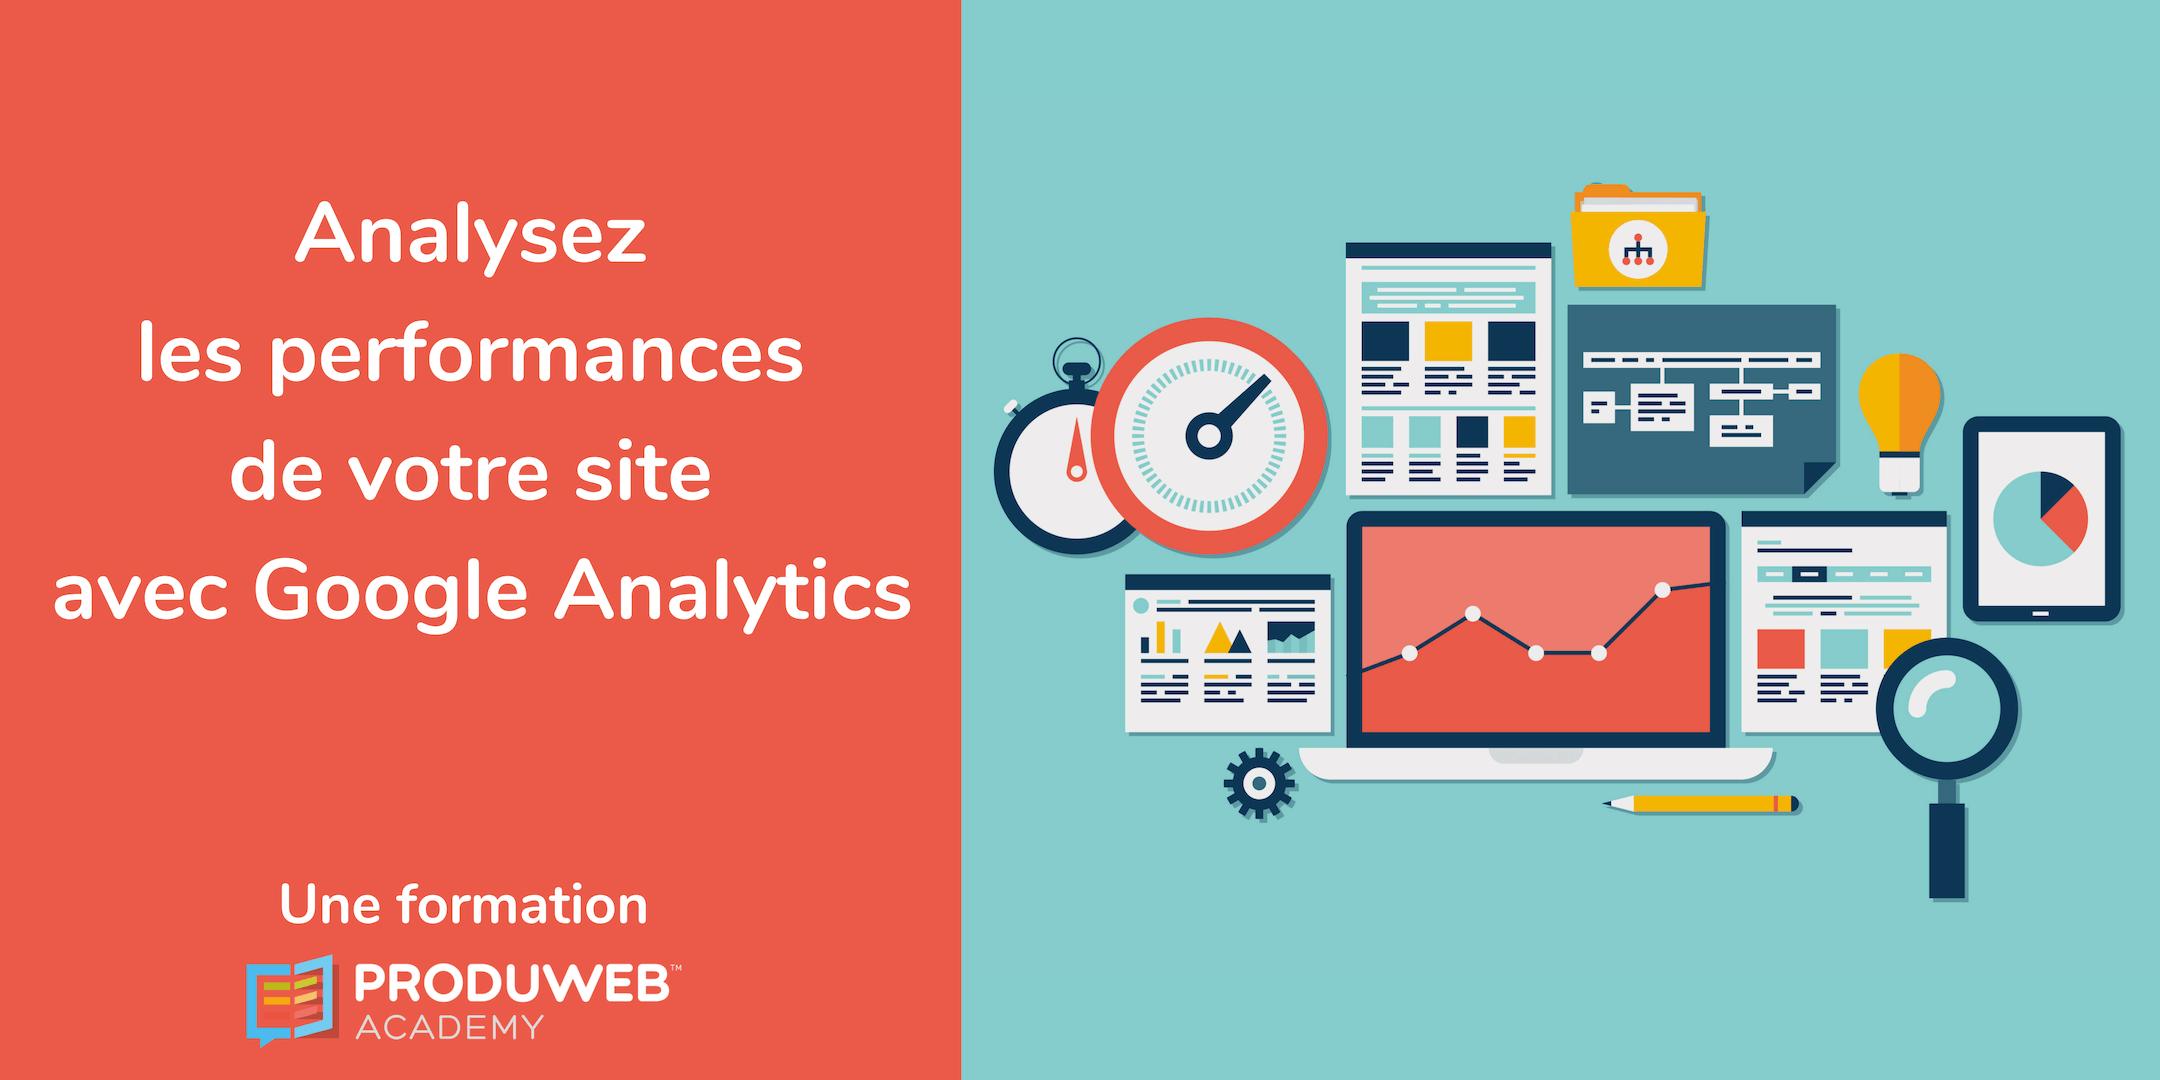 Formation - Analysez les performances de votre site avec Google Analytics